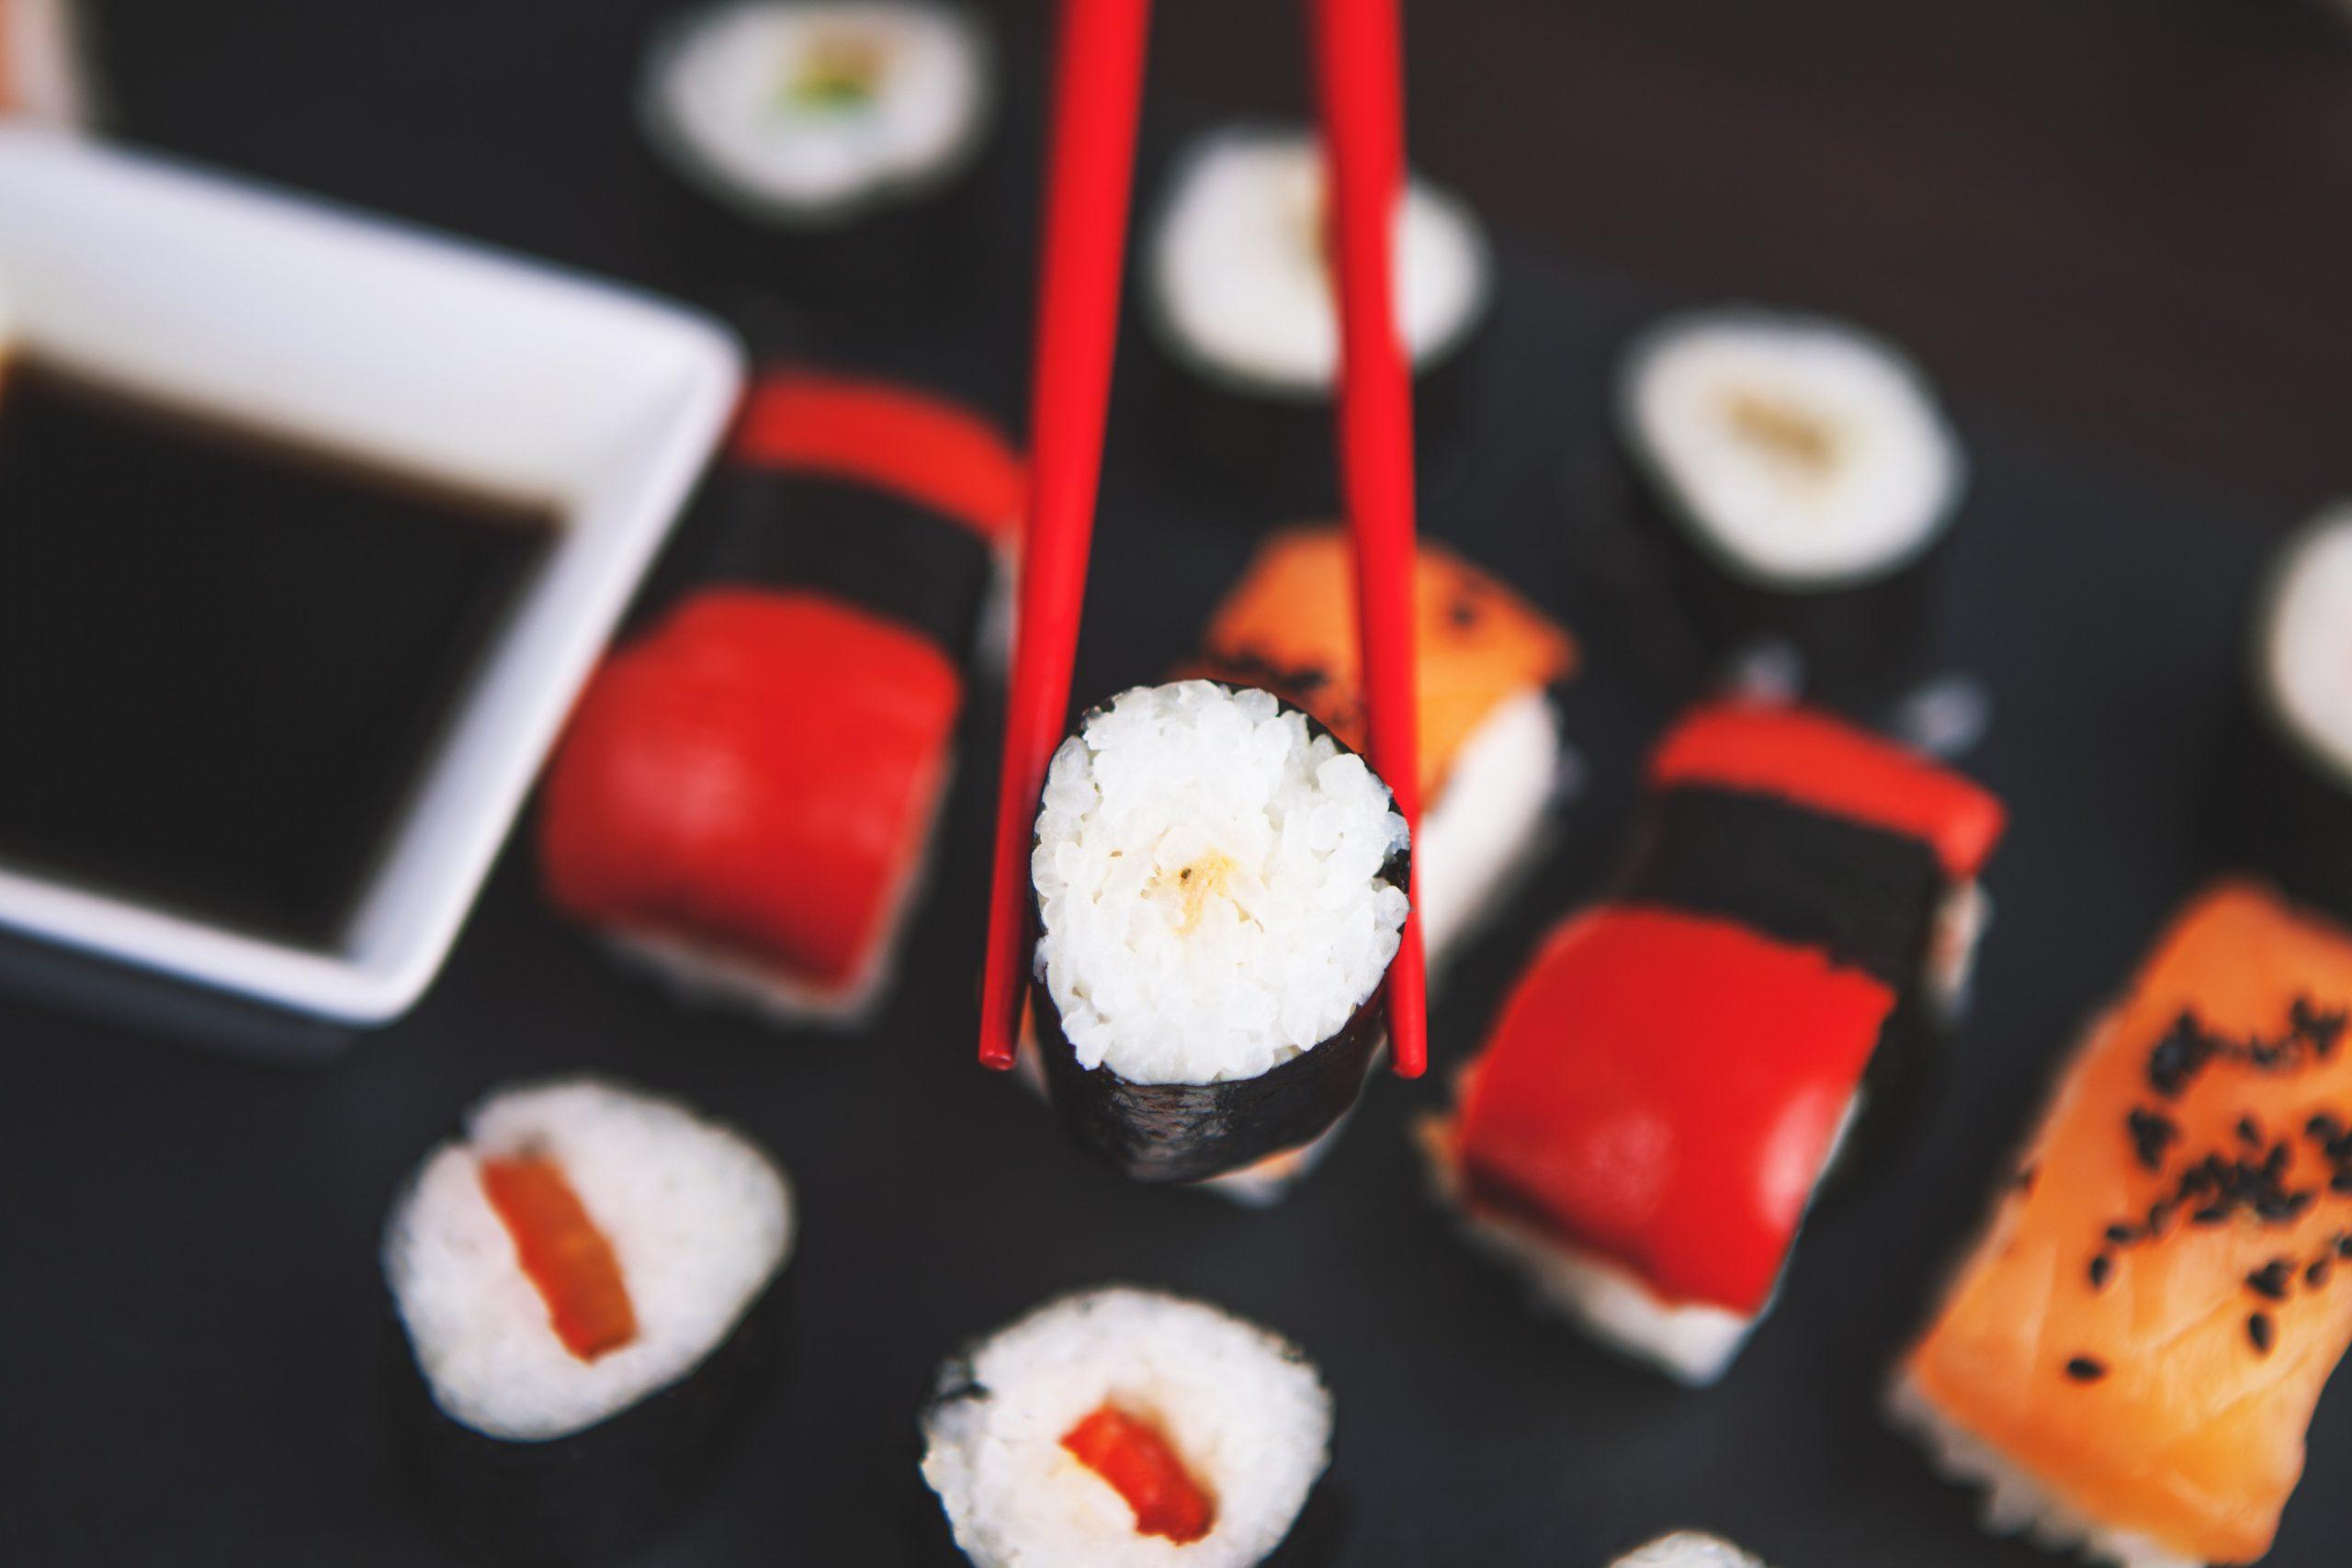 Foto de um hashi vermelho segurando uma peça de makimono, com diversas peças junto com um porta shoyu ao fundo, em blur.